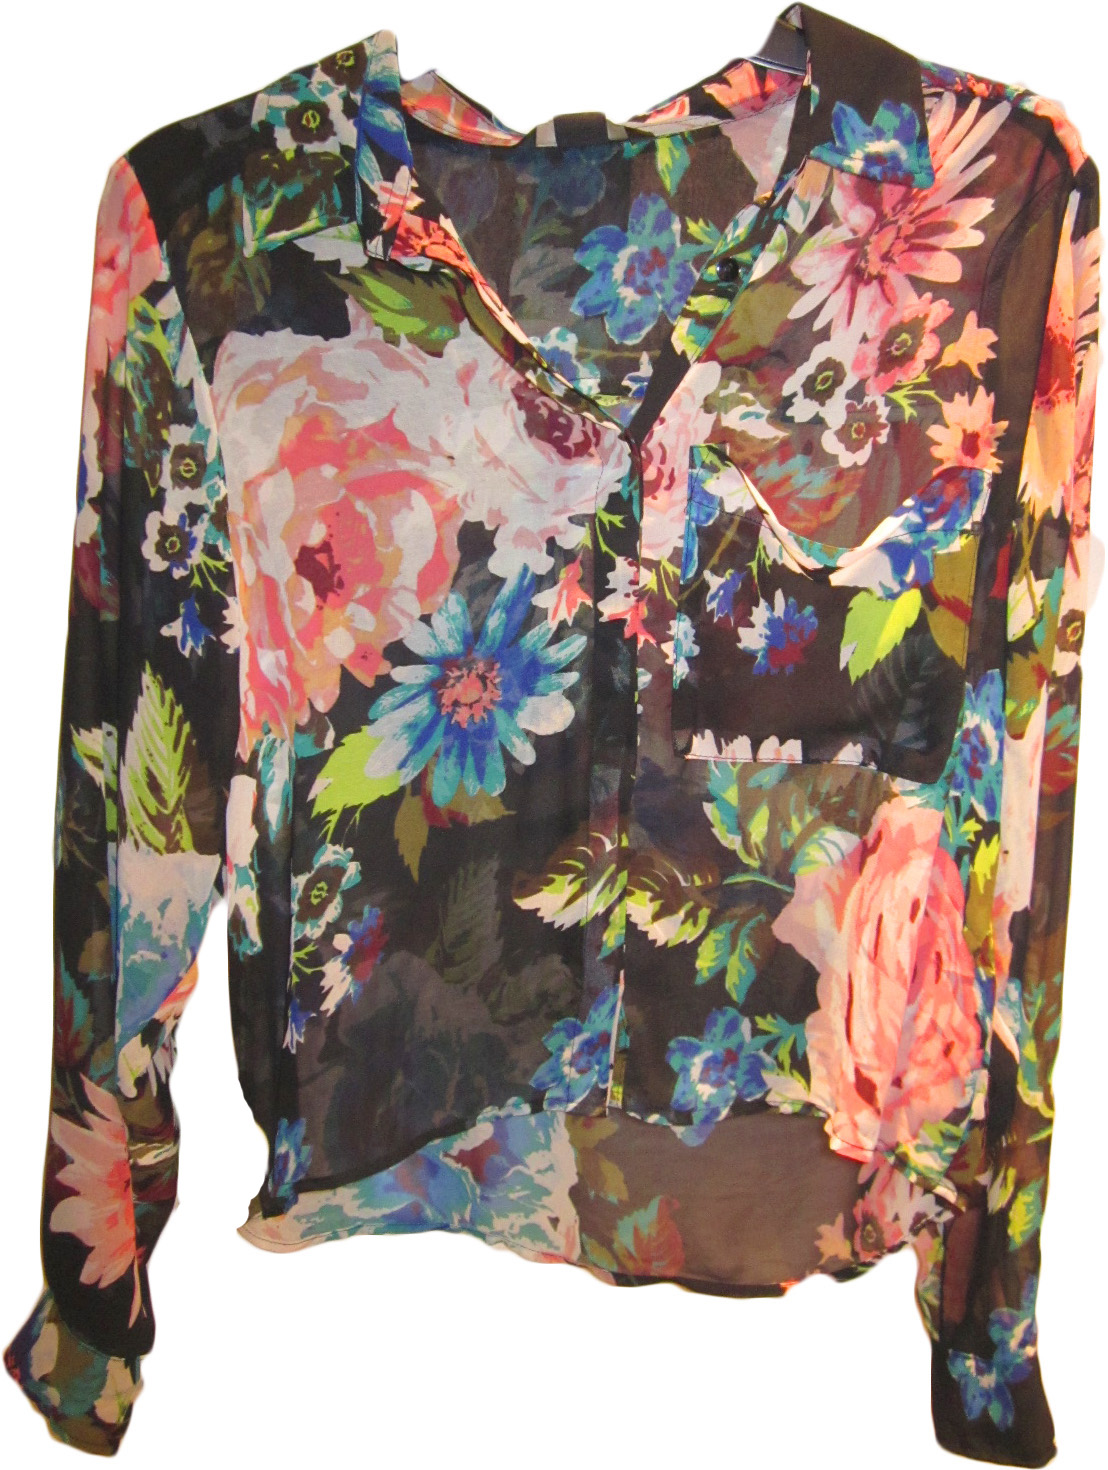 0244e3f672ac 2buy - Blogg med köptips på kläder och accessoarer: UNDERBARA ...